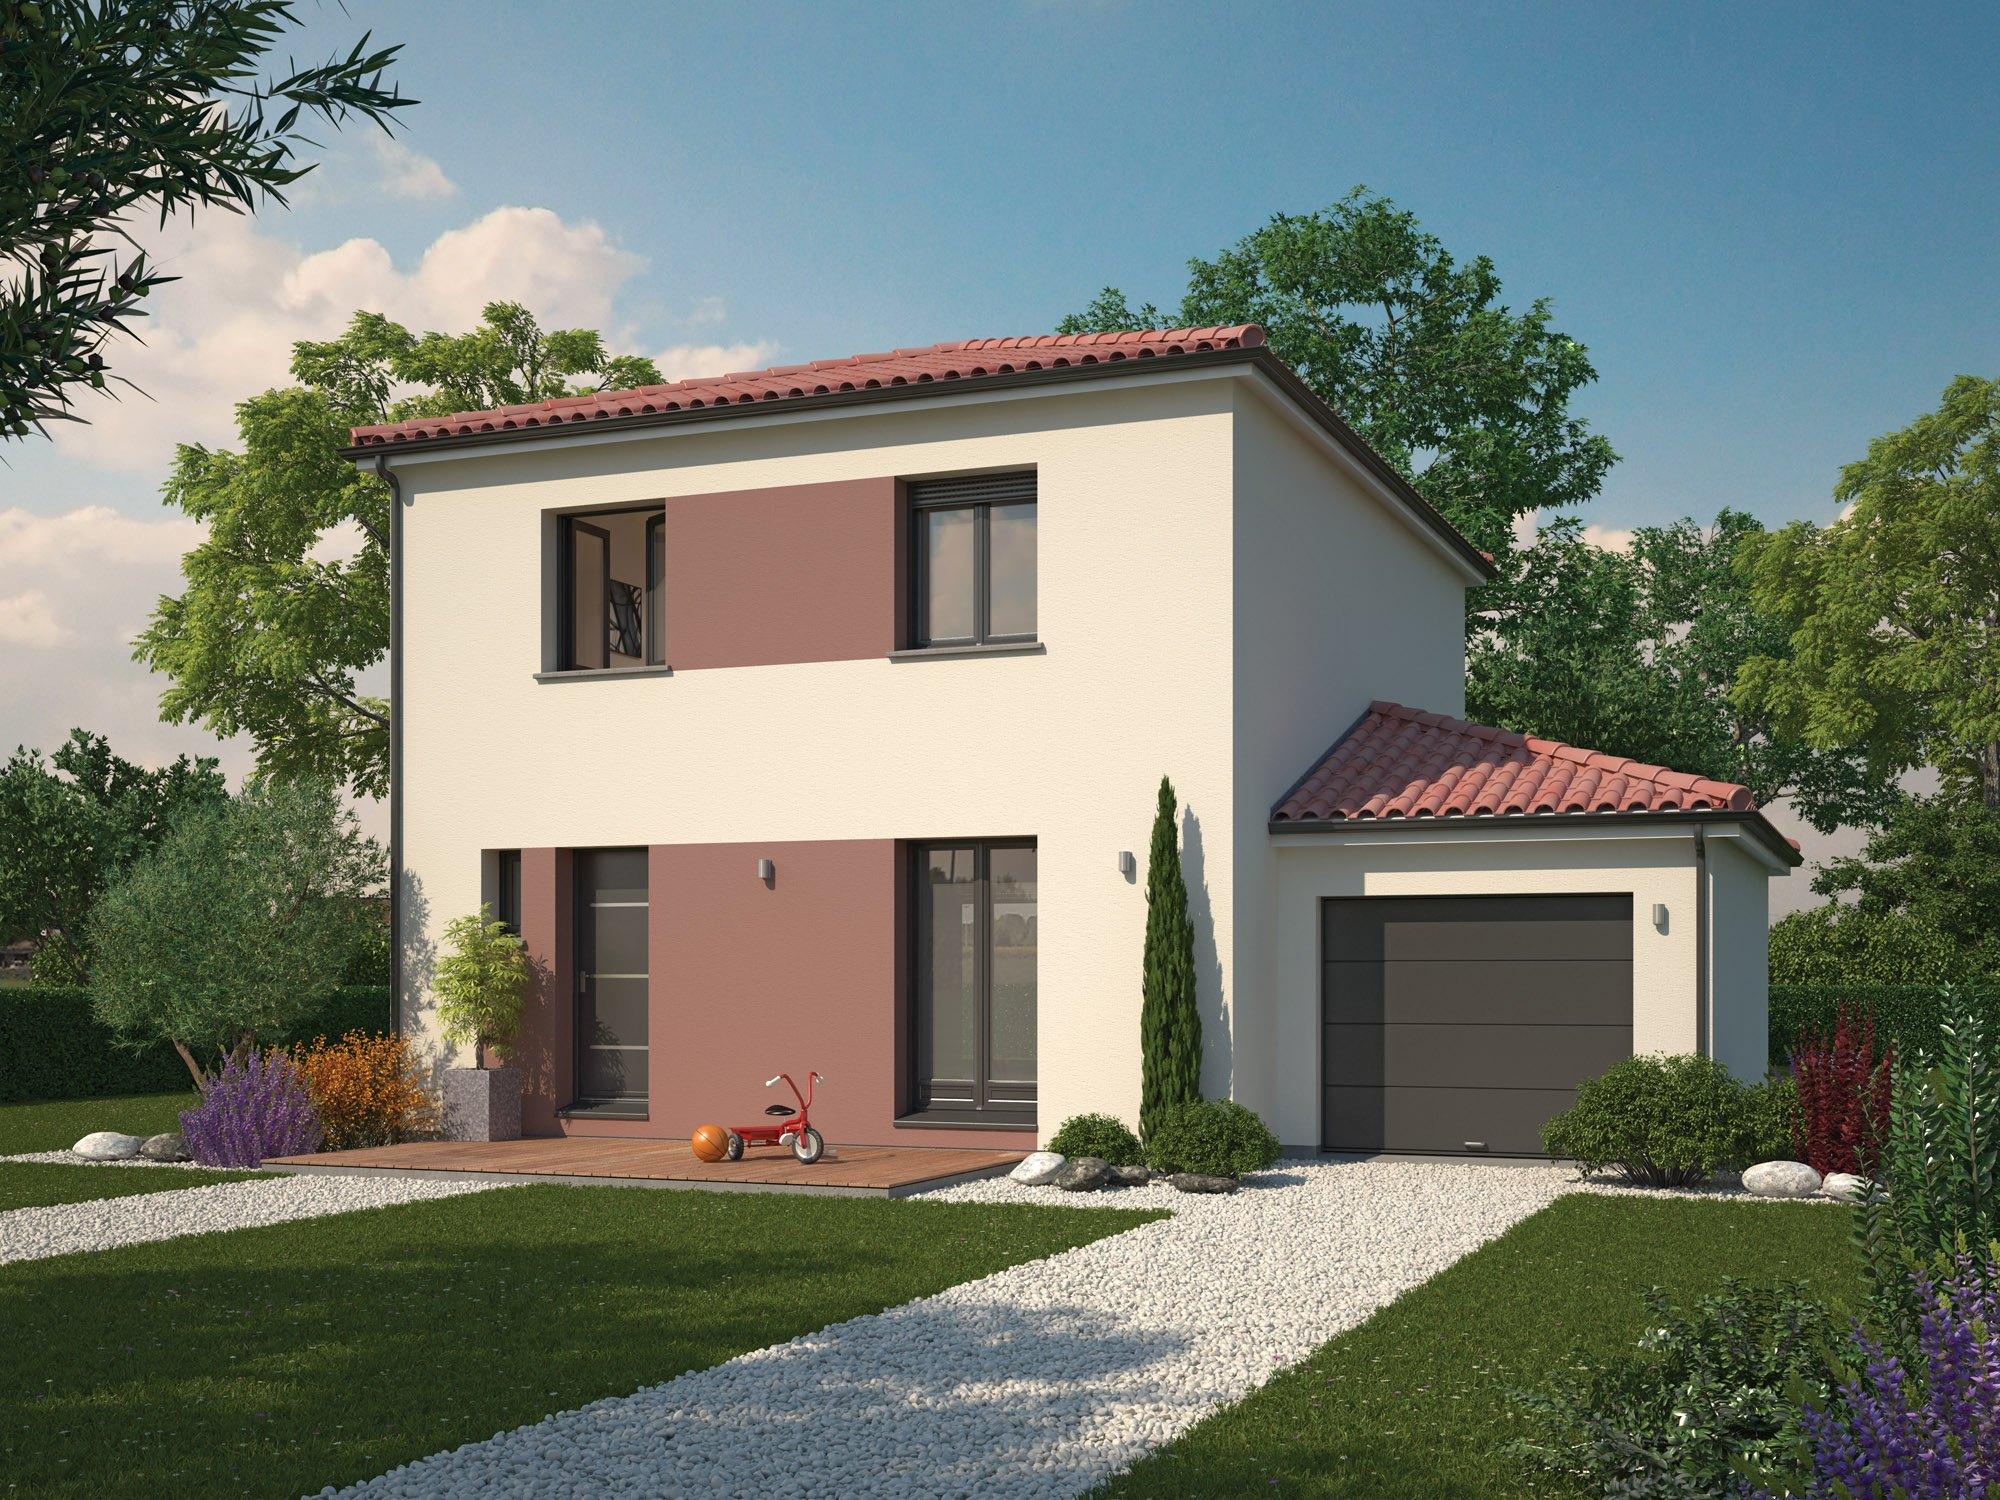 Maisons + Terrains du constructeur MAISON FAMILIALE • 92 m² • VAULX EN VELIN